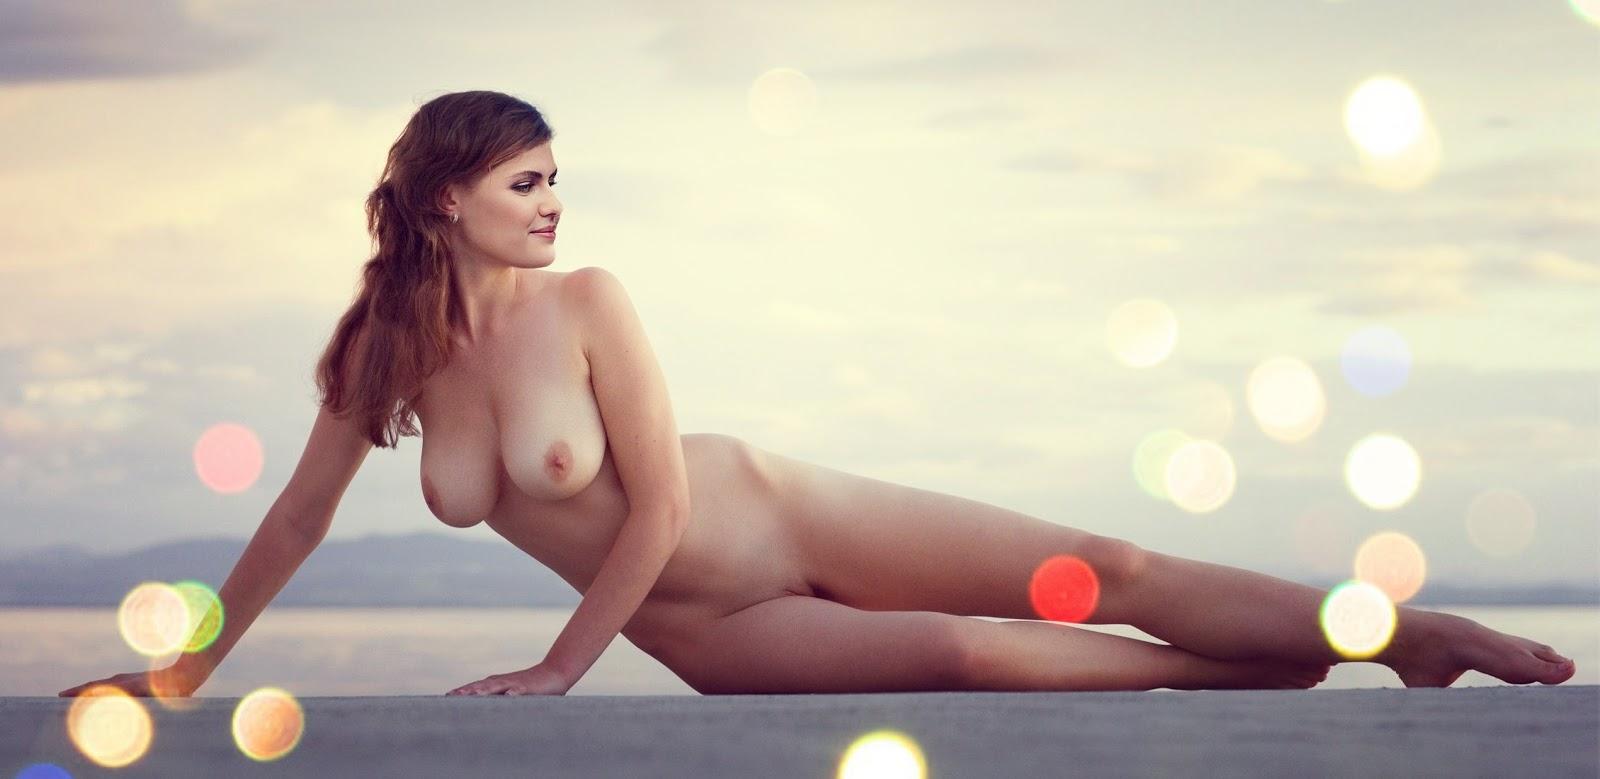 Andrea Daddario Nude alexandra daddario nude naked boobs pussy photos pics 13